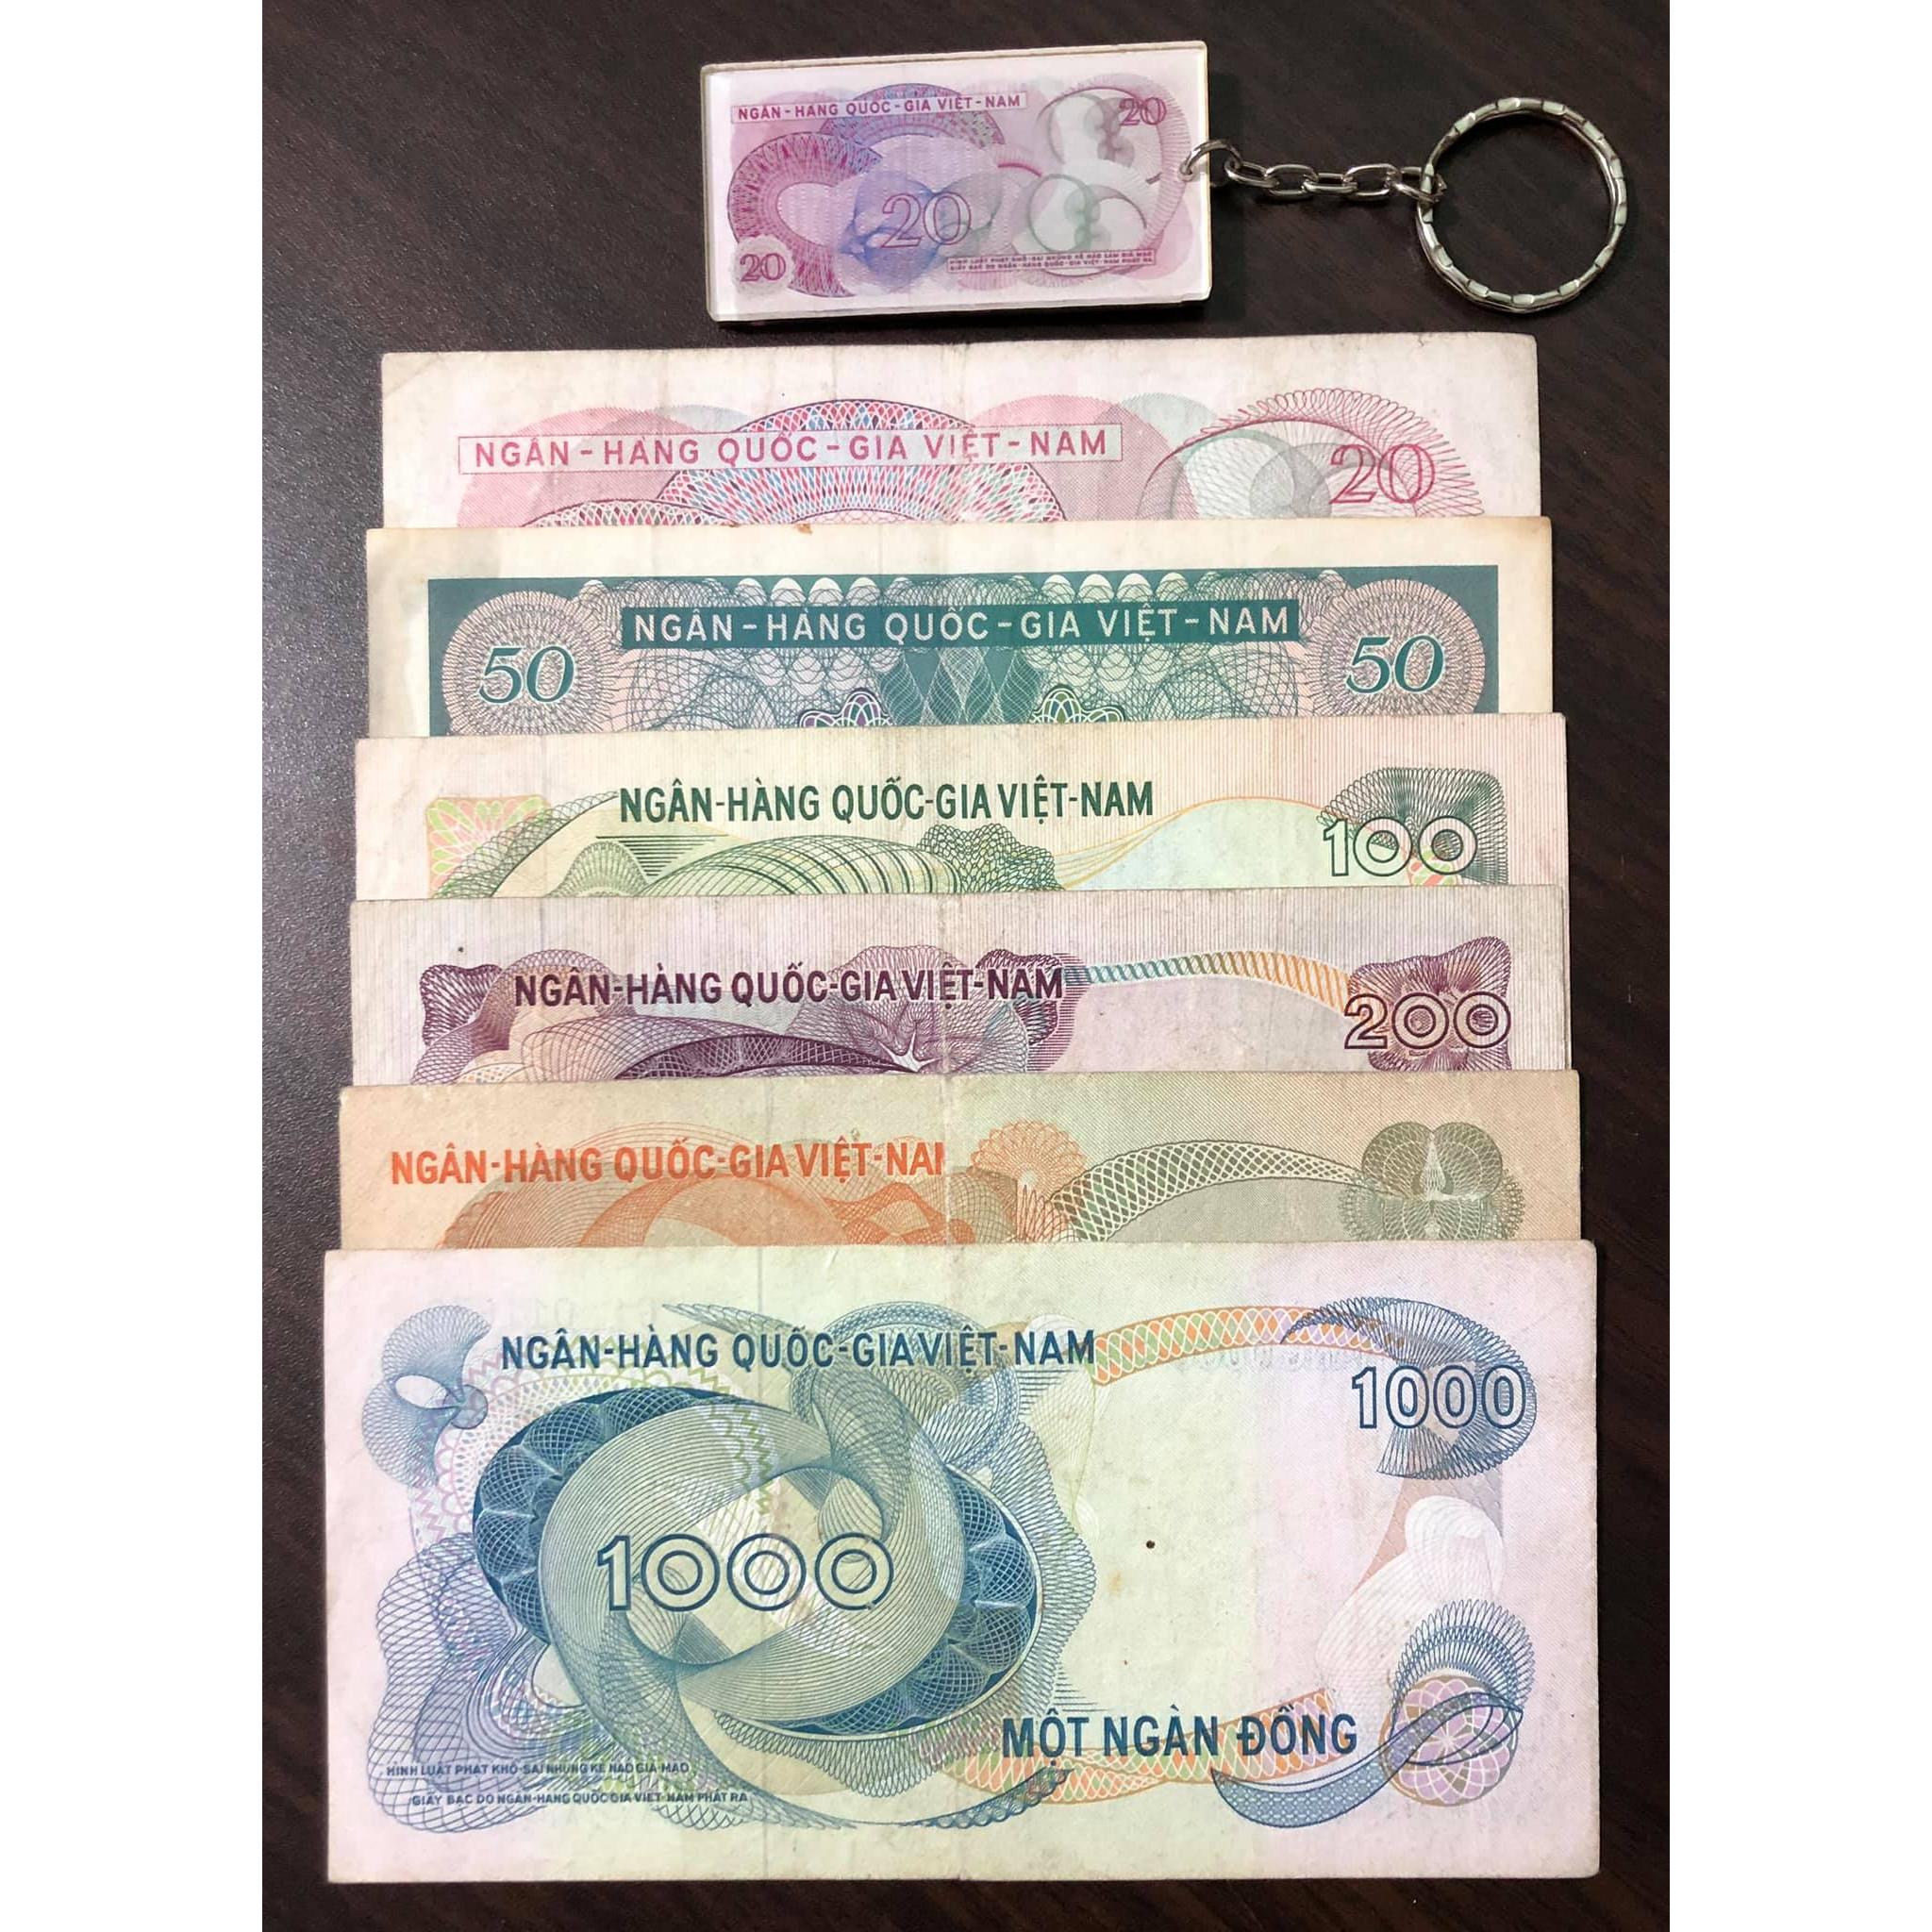 Đủ bộ tiền cổ Việt Nam 6 tờ hoa văn sưu tầm kèm móc khóa tiền cổ